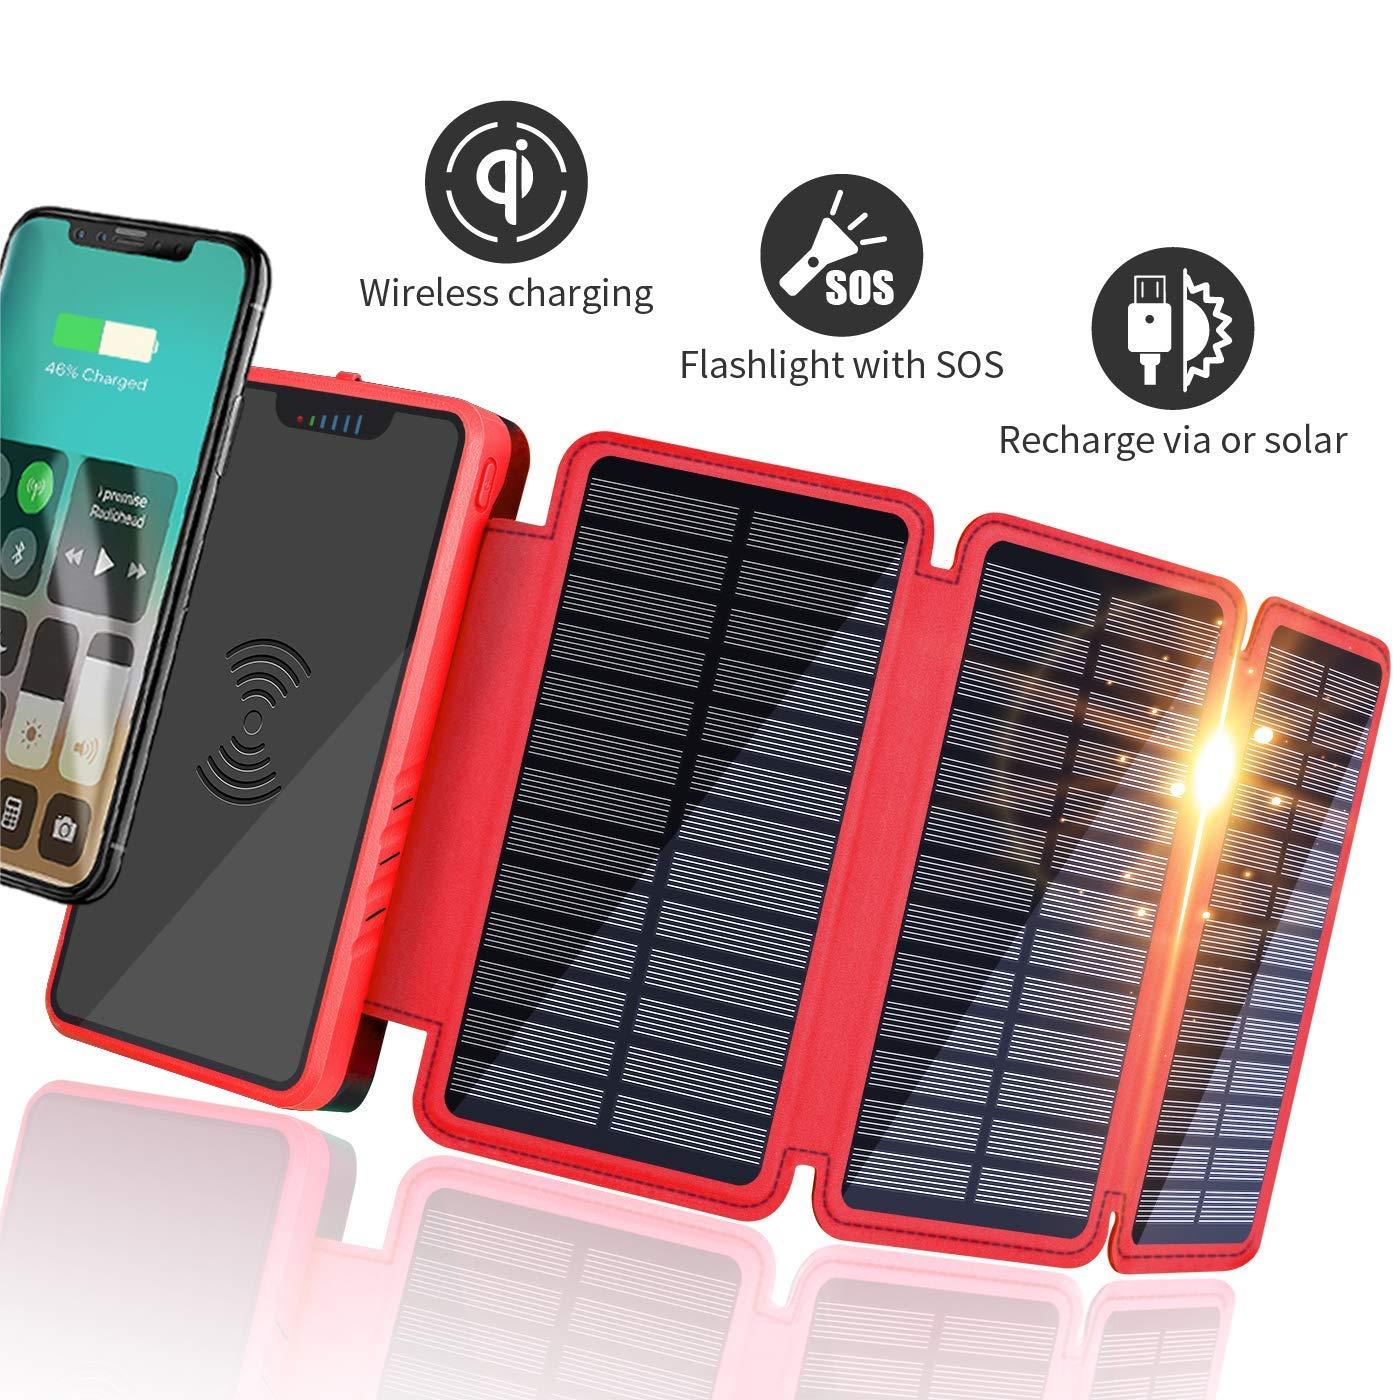 Soluser Batería Externa, Power Bank portátil 20000mAh Ultra Alta Capacidad Cargador Solar Móvil con 2 Puertos Salidas USB Alta Velocidad y Linterna ...